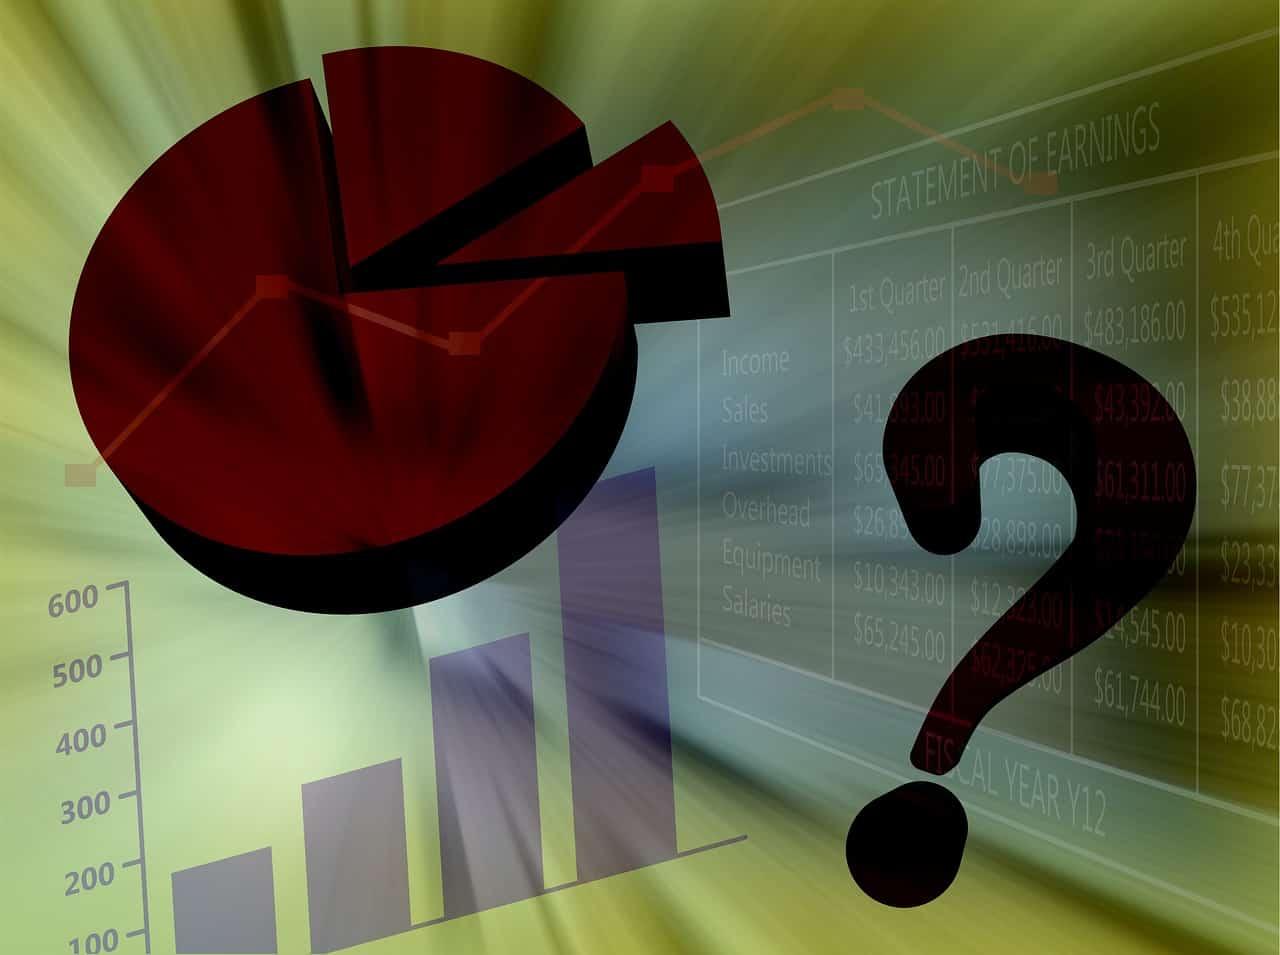 Opłaty związane z inwestowaniem w fundusze inwestycyjne